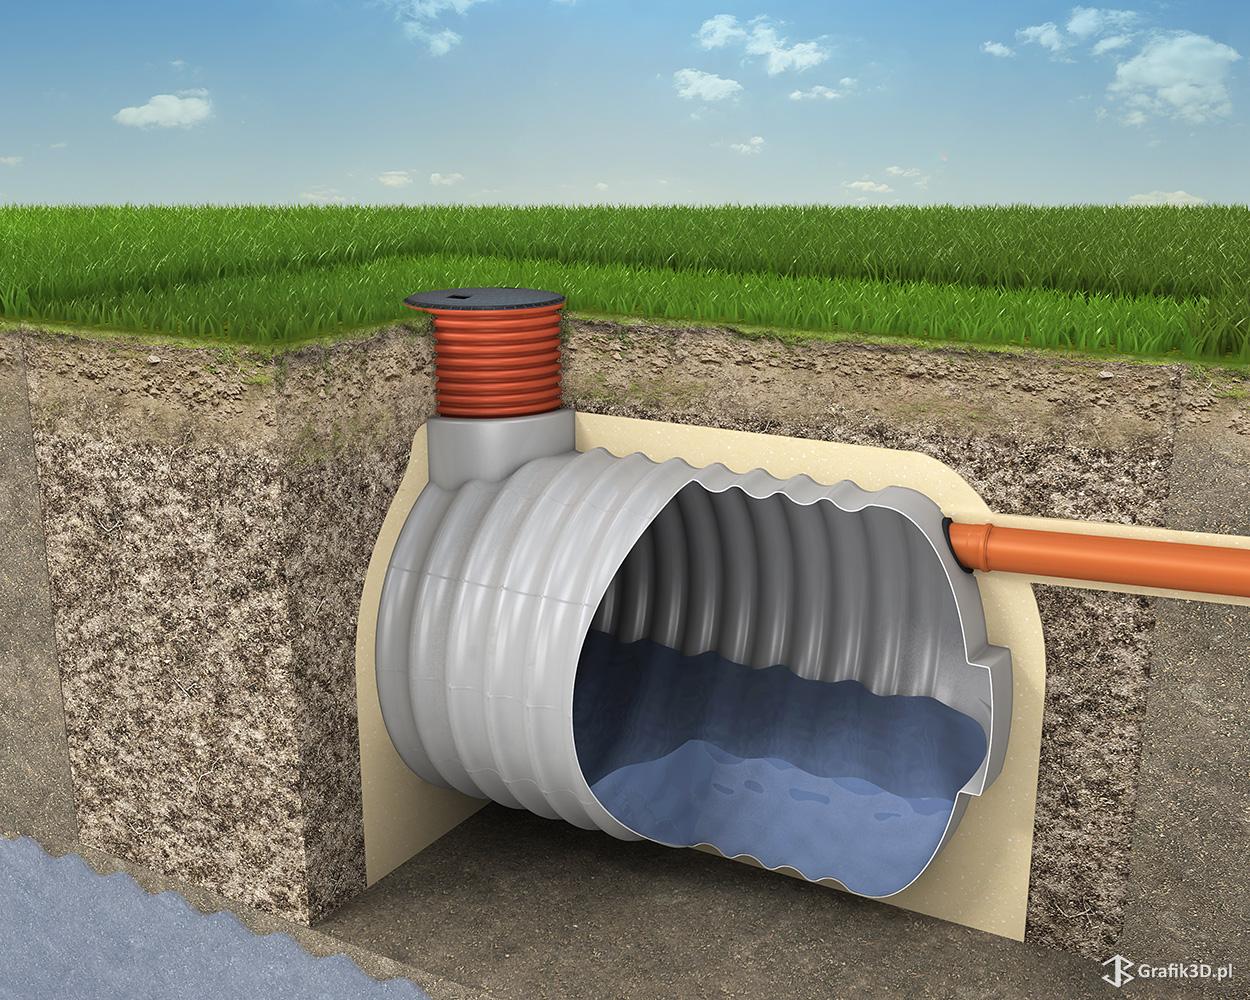 Prezentacja 3d montażu obiektu zbiornika przekrój w ziemi